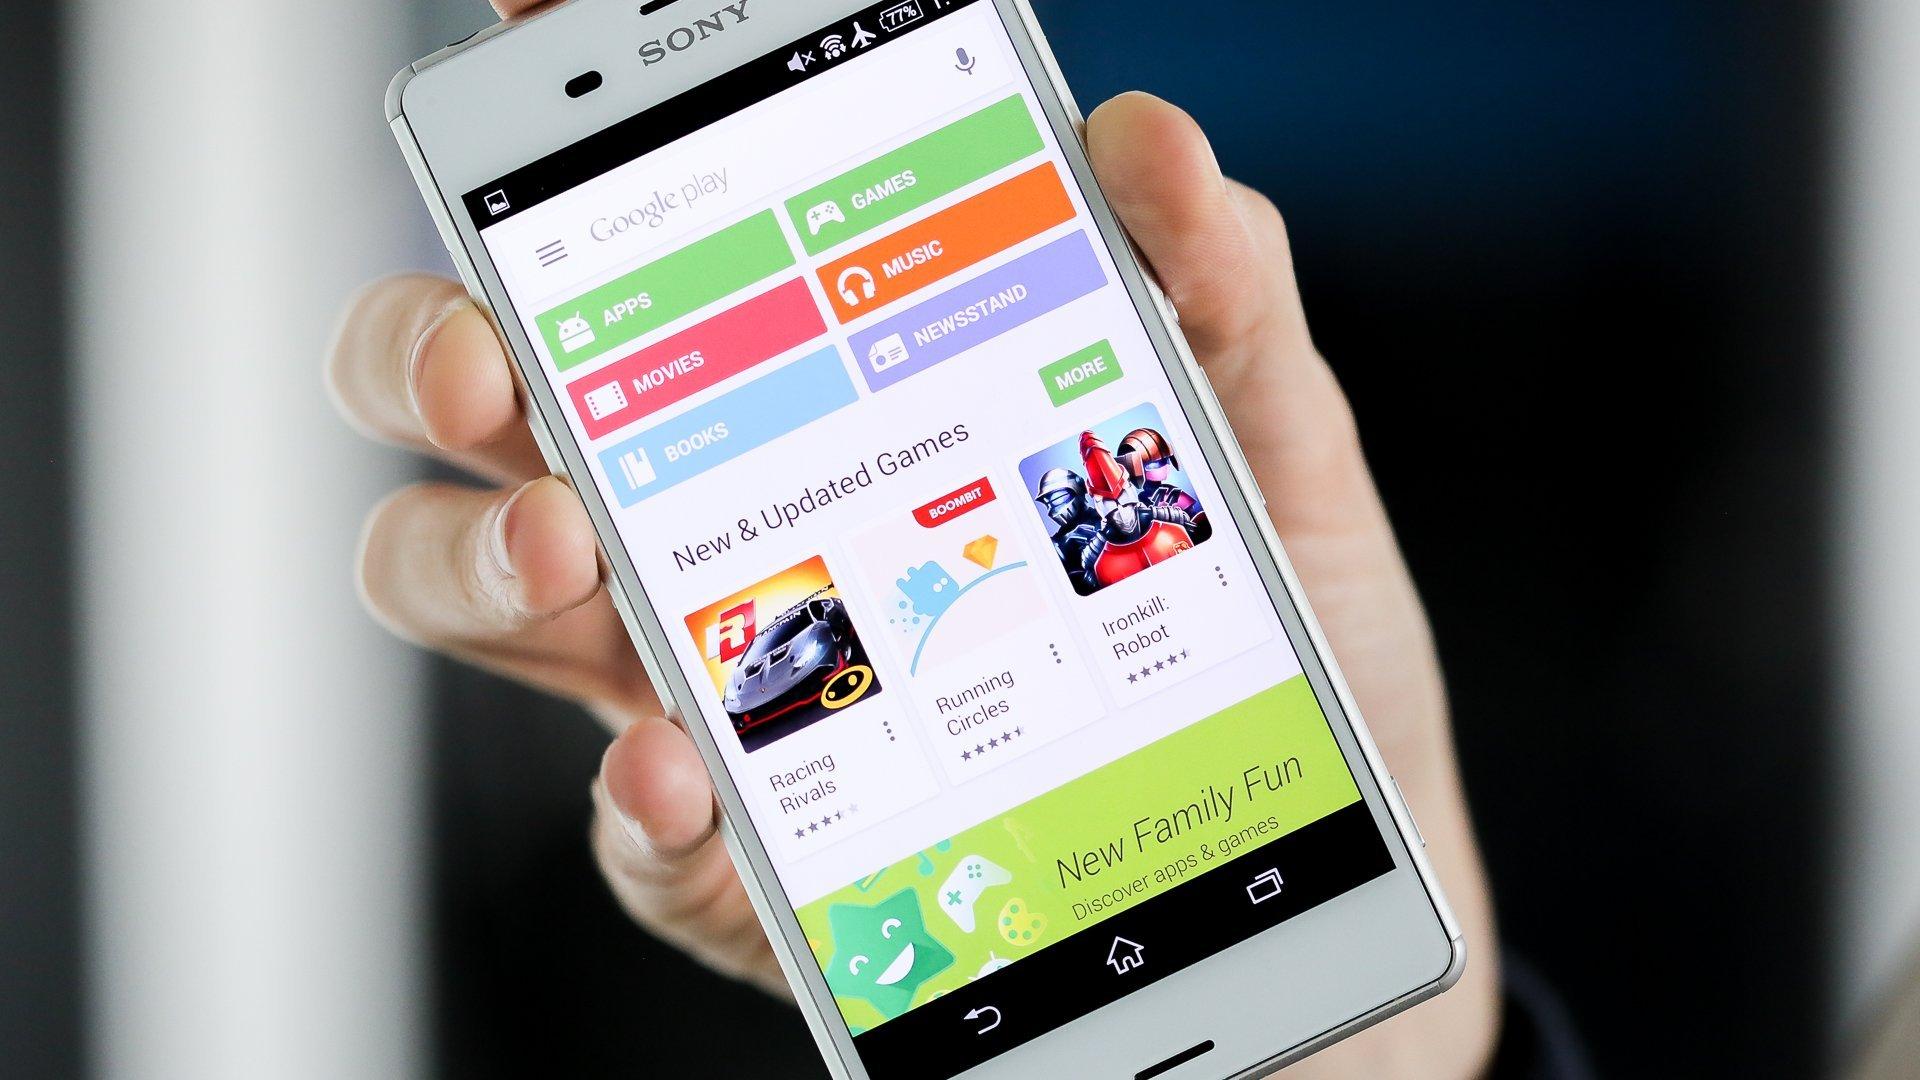 Google Play-də porno reklamı göstərən və virusa sahib 60-a yaxın oyun aşkar edilib